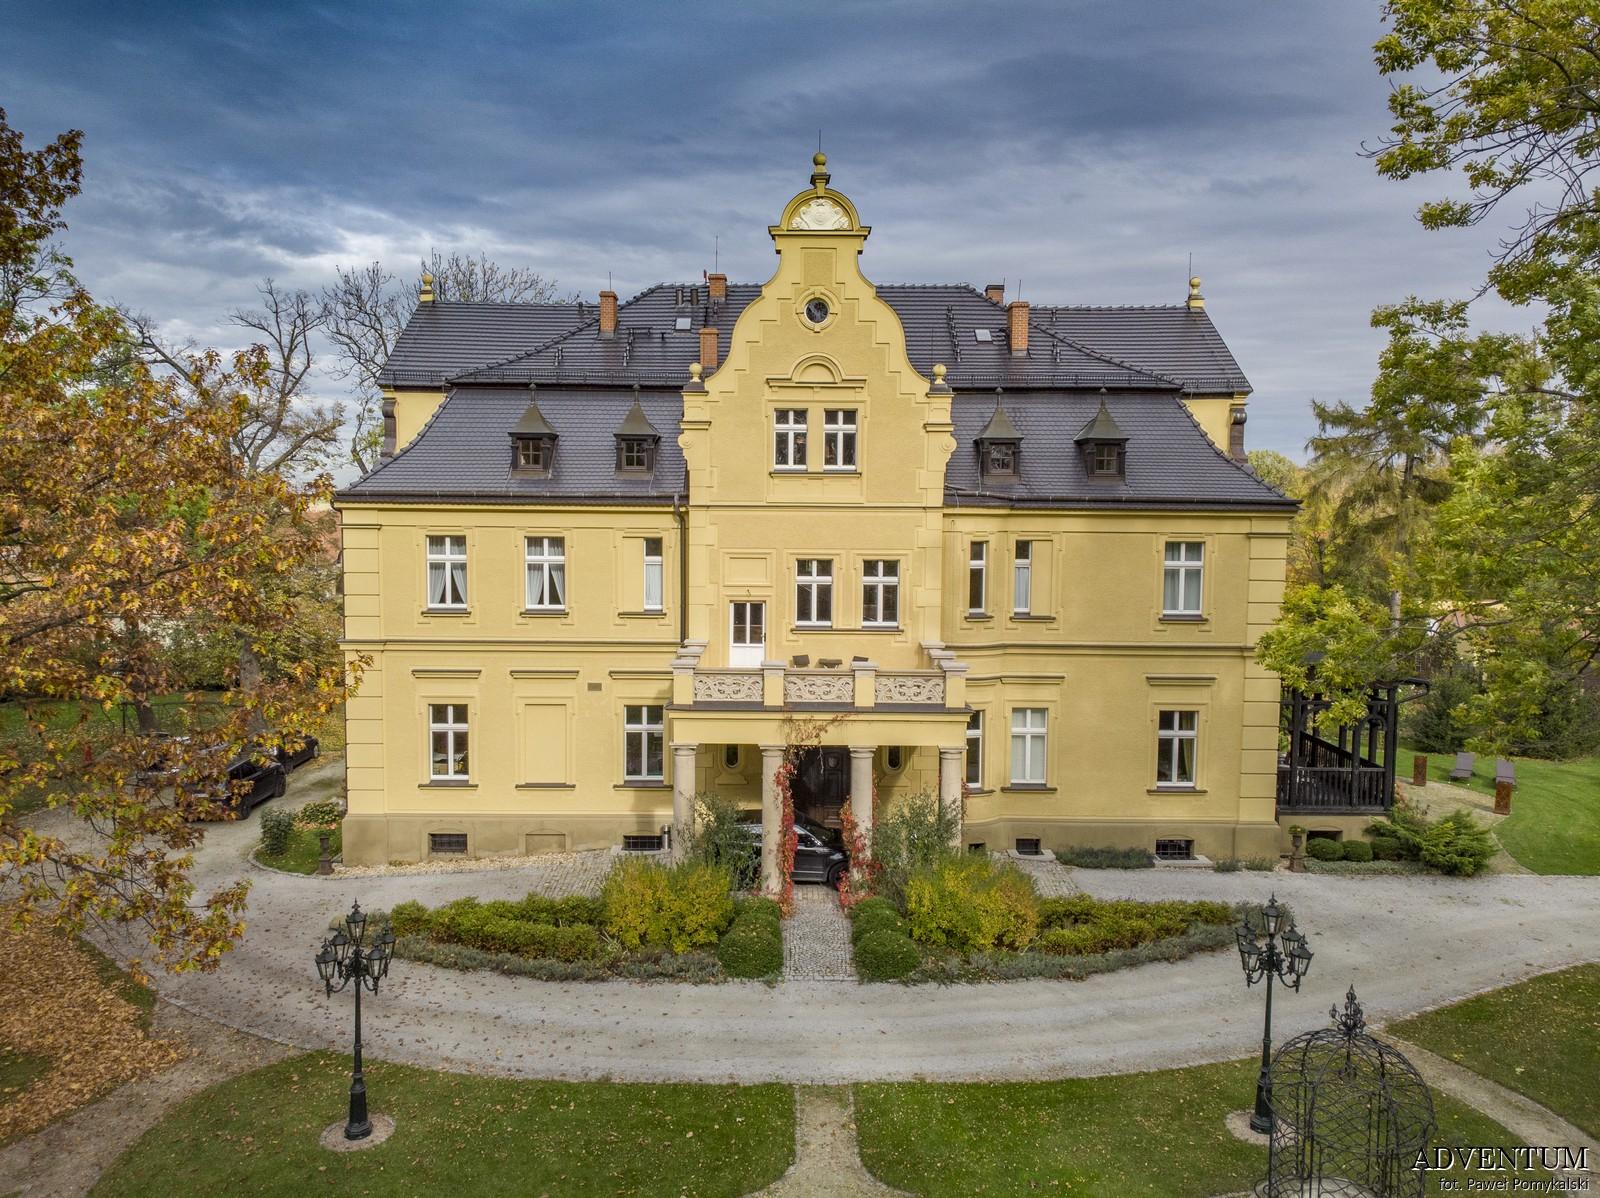 Gruszów pałac dolny śląsk świdnica hotel noclegi fasada